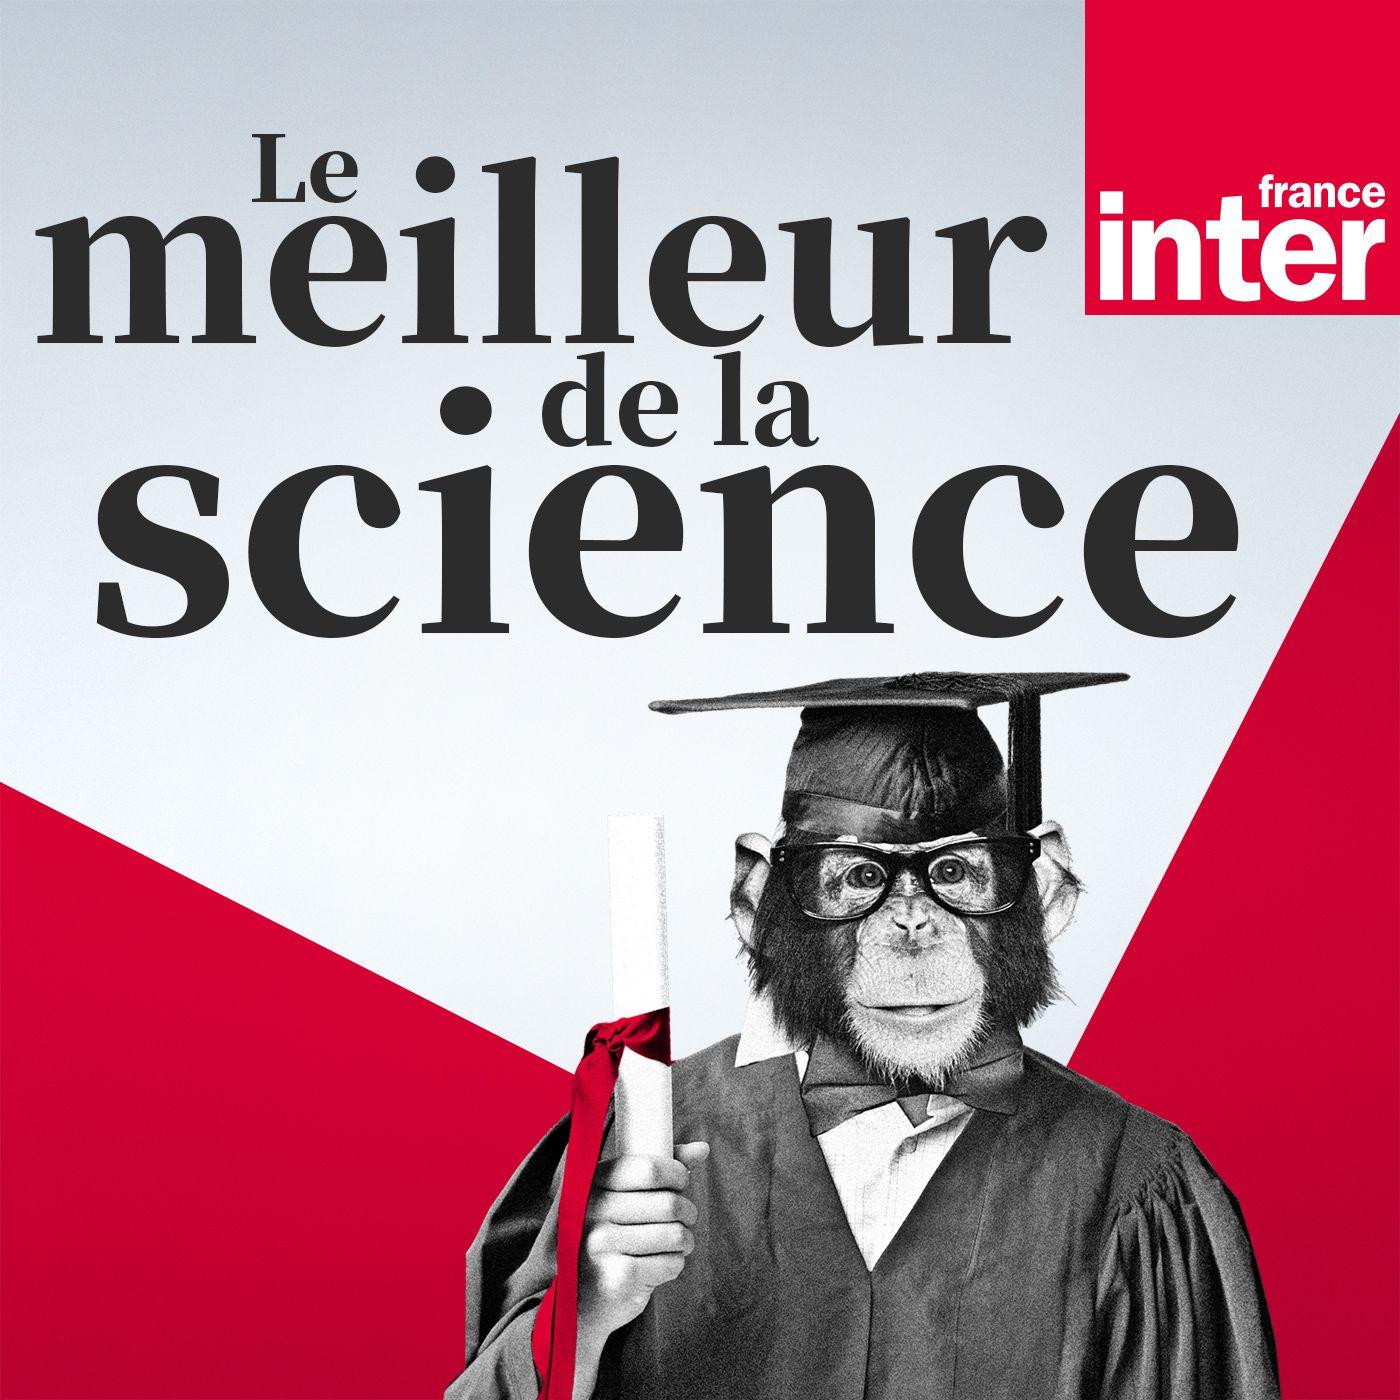 Image 1: Le meilleur de la science